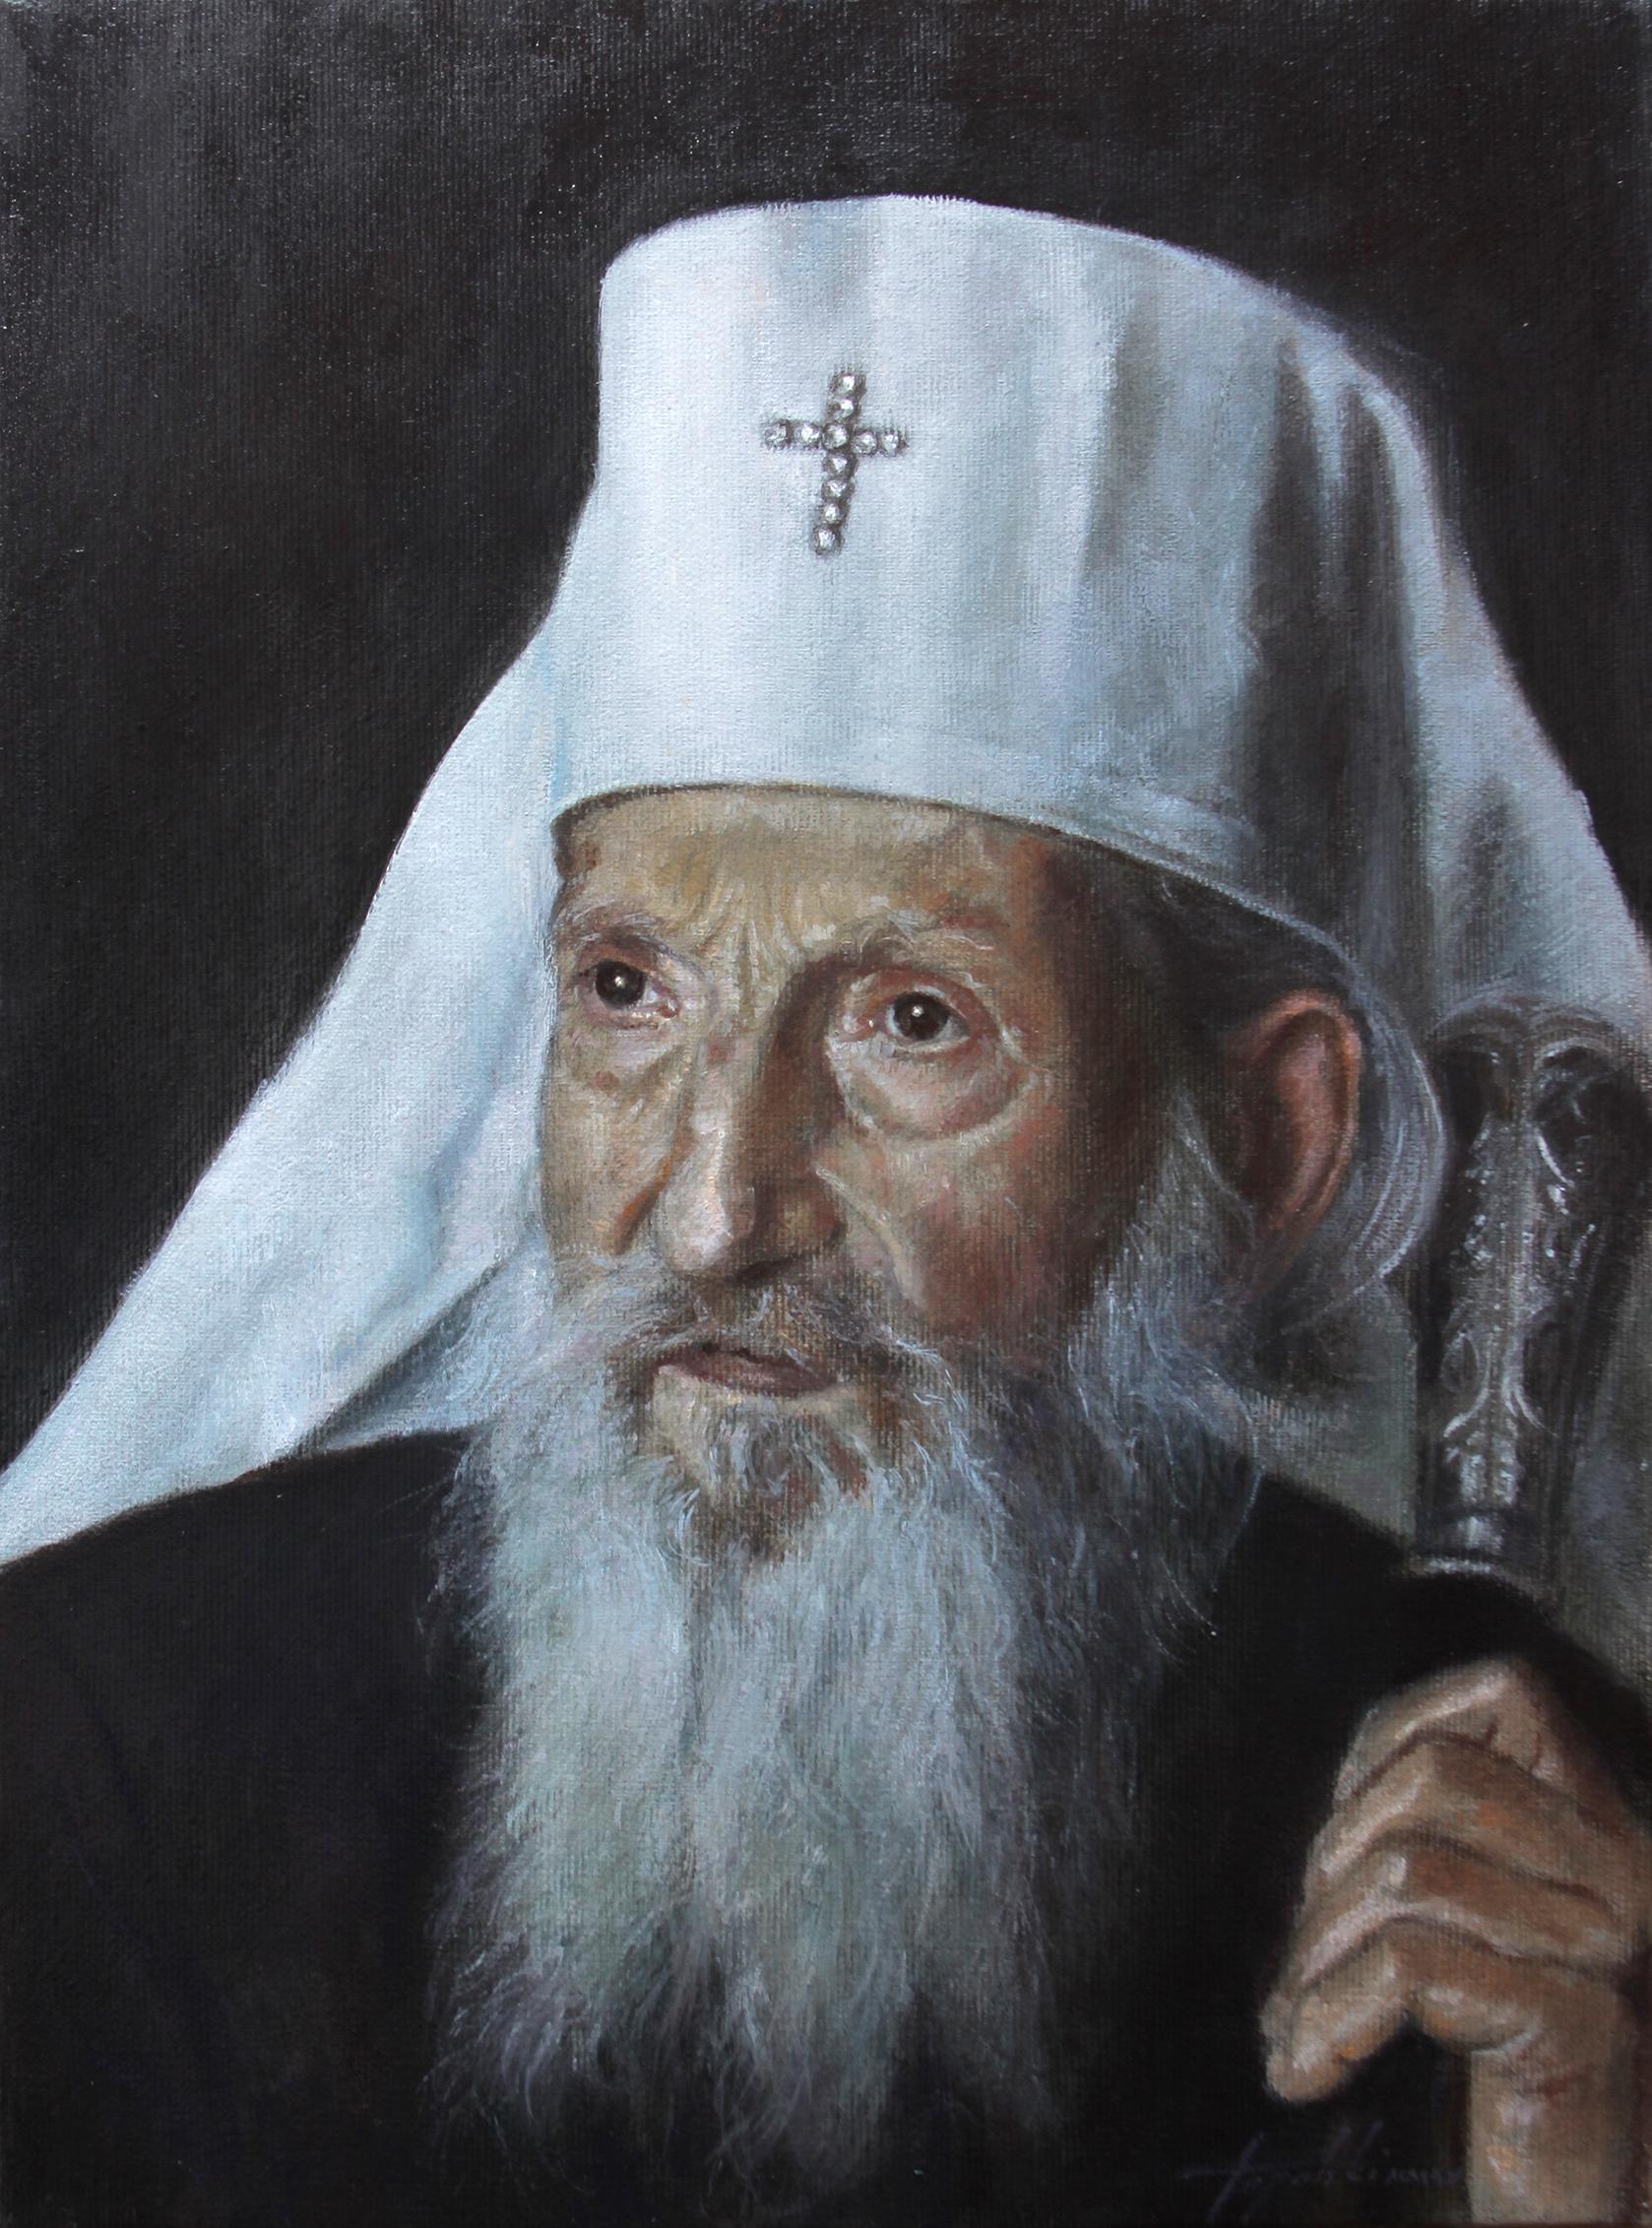 Патријарх Павле 2 - уље на платну 40x30цм, 2020. аутор - сликар Дарко Топалски